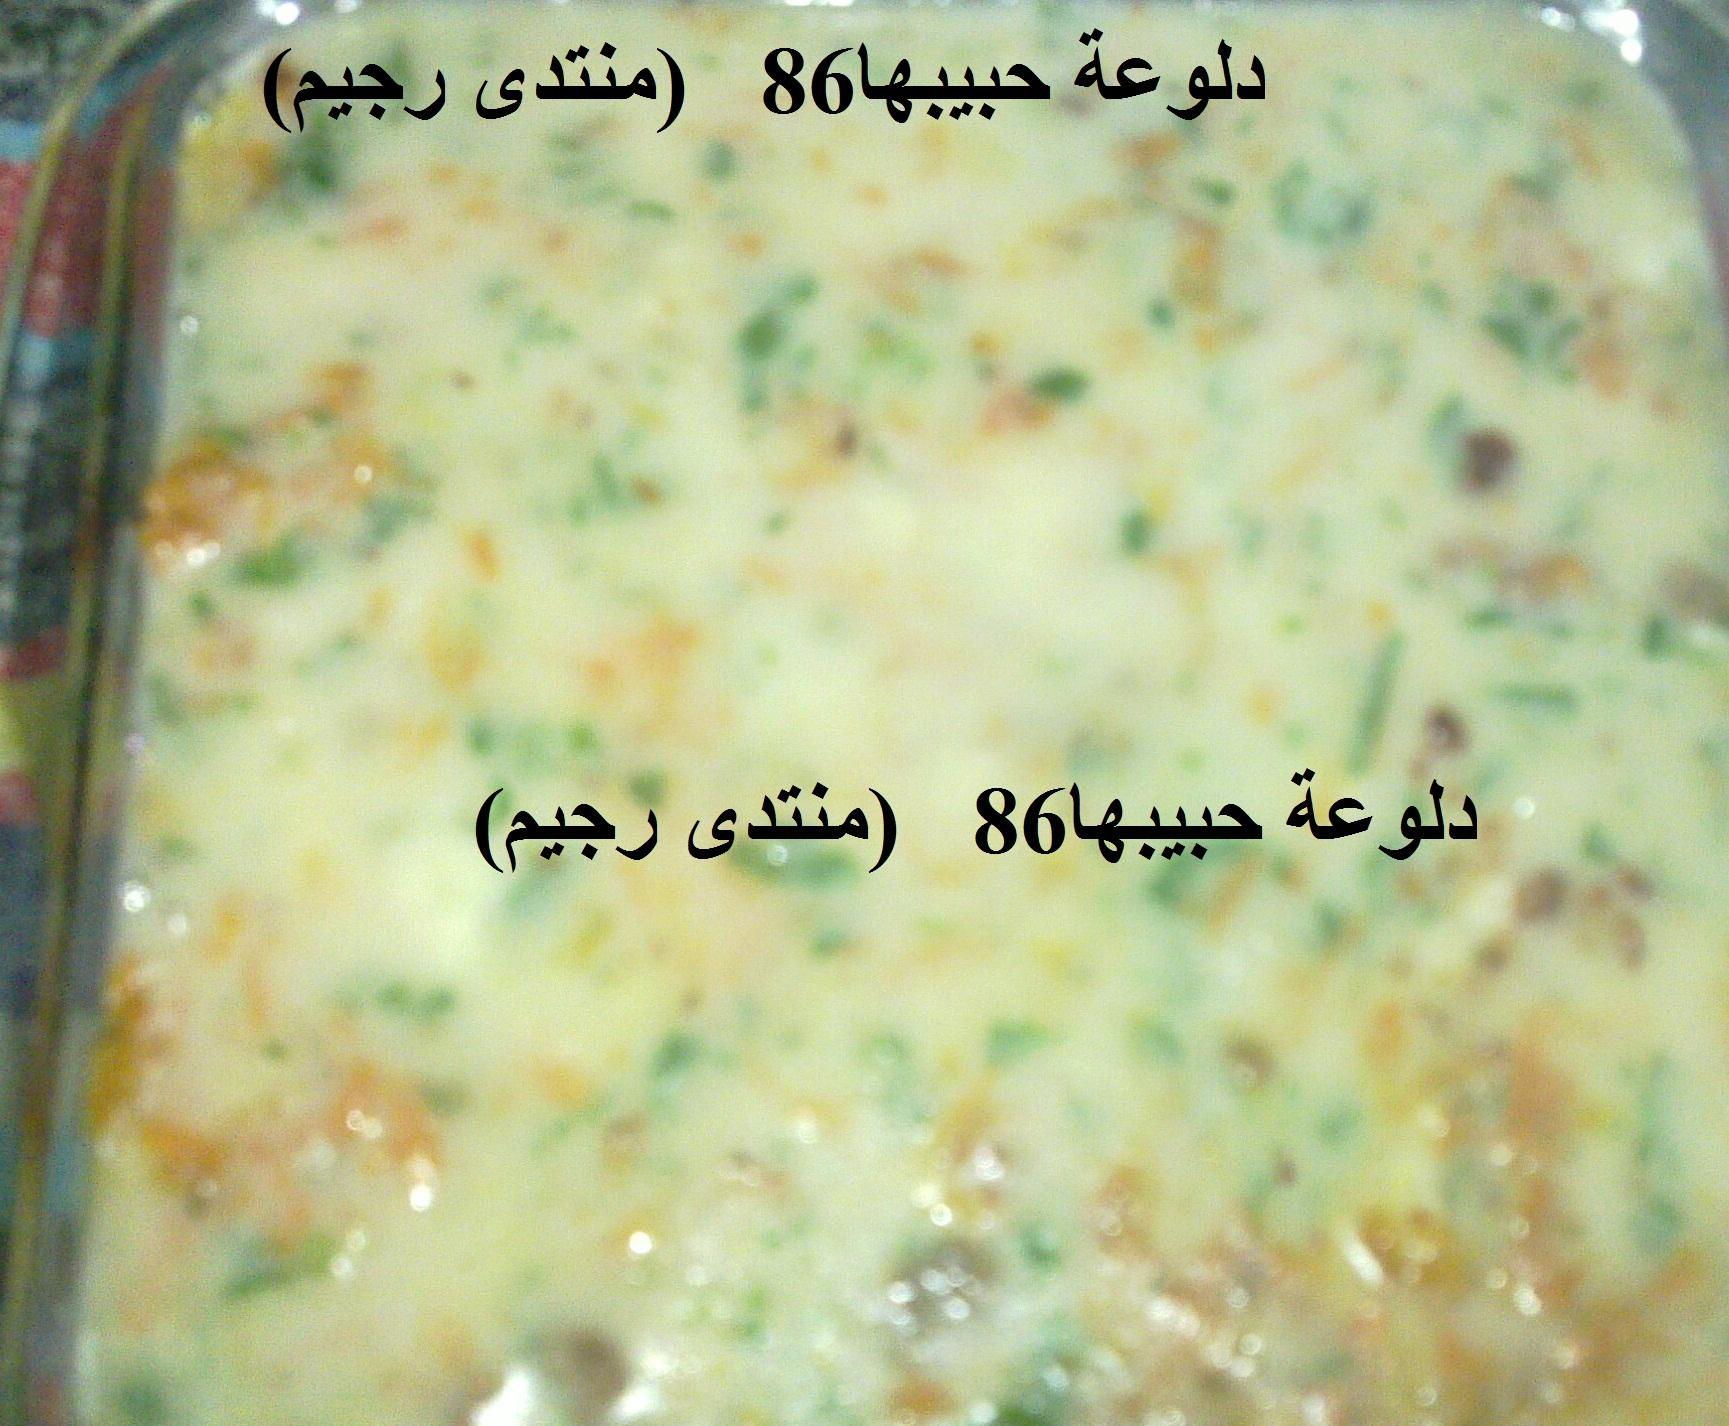 زهرة او قرنبيط بالبشاميل بالصور من مطبخي روعة 13562037762.jpg